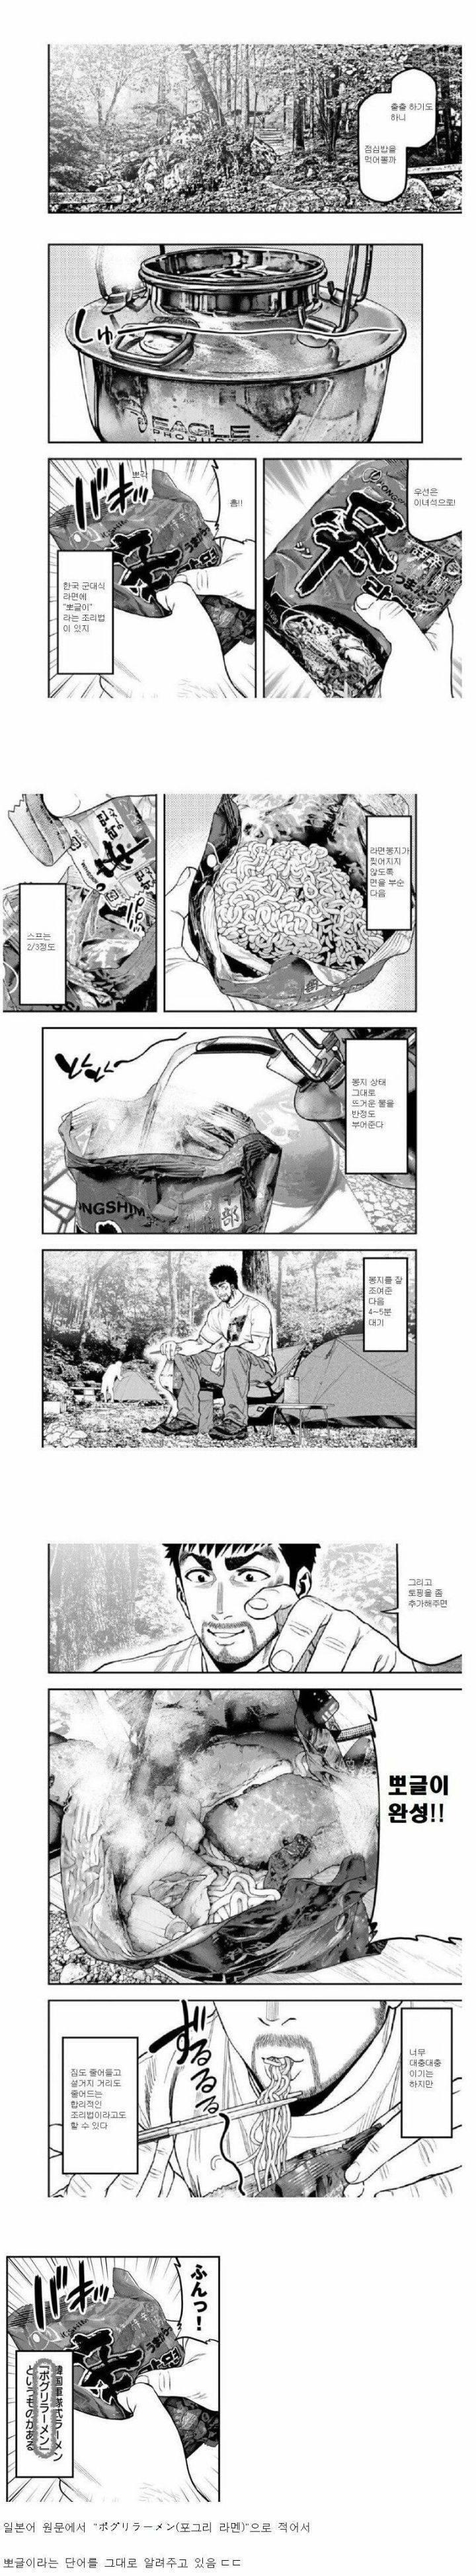 일본 만화에 나온 한국의 캠핑요리.jpg | 인스티즈